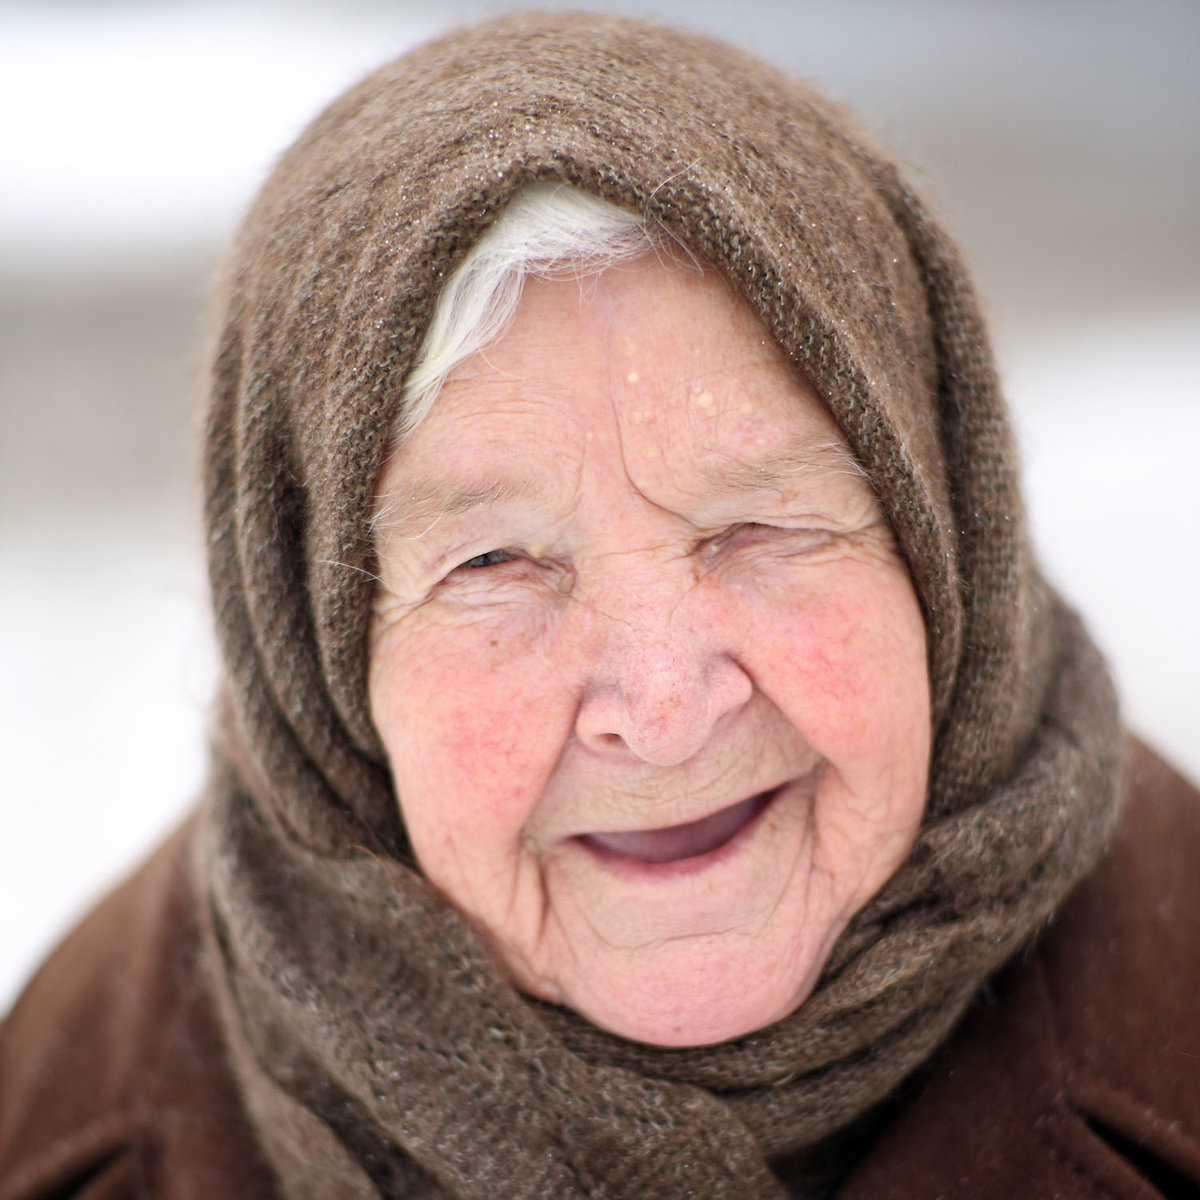 Фото старых старушек, дина джуэл порноактриса